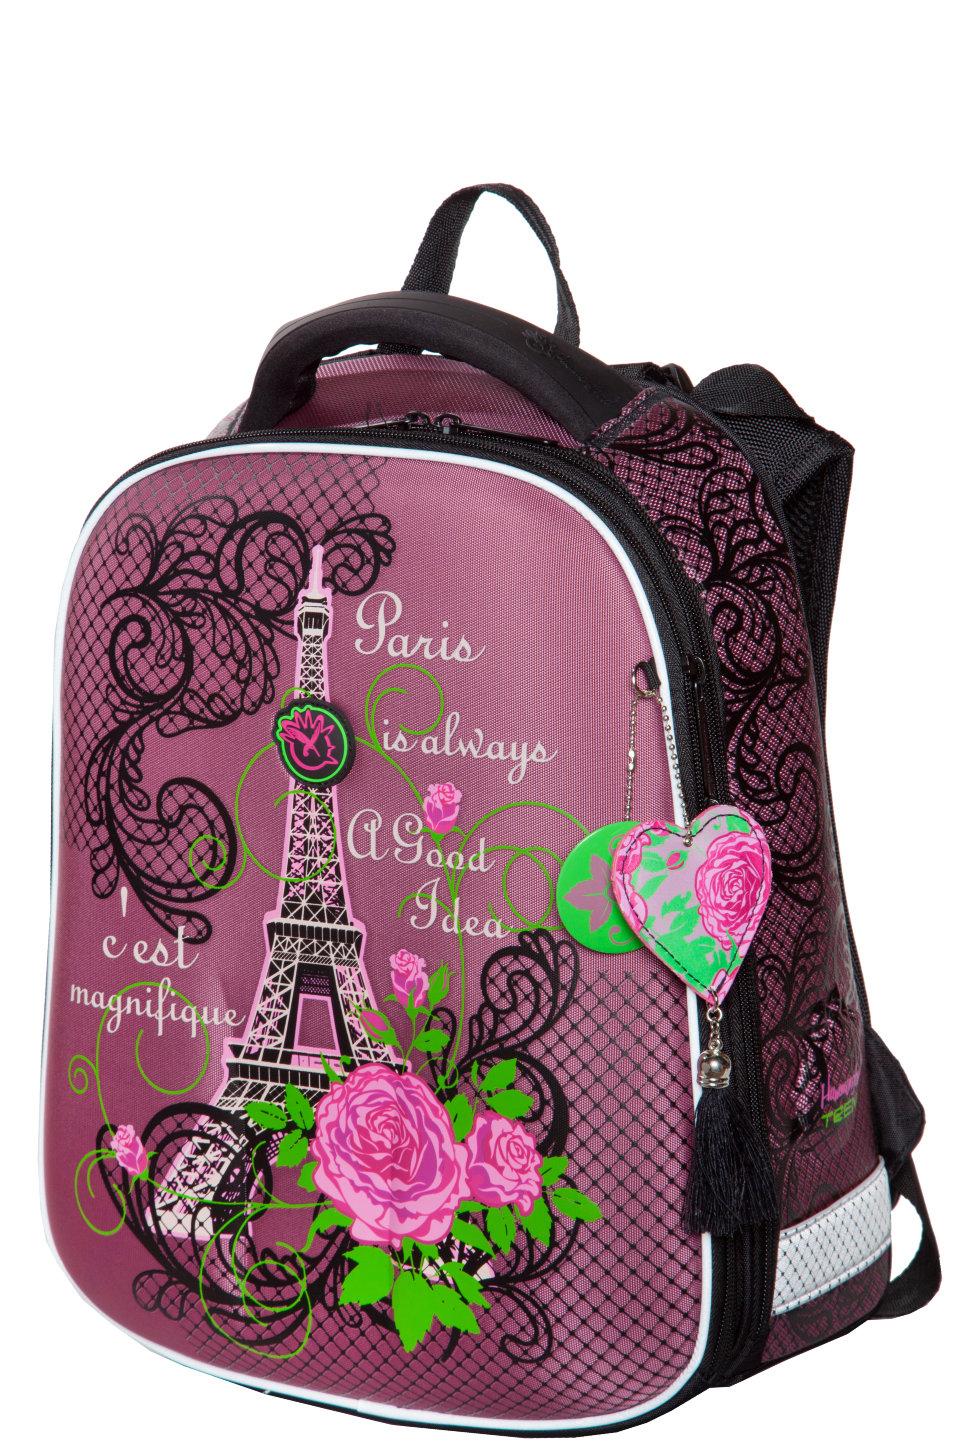 06ed38547ead Купить Школьный рюкзак Hummingbird T88 по цене 4 100 руб. в интернет ...